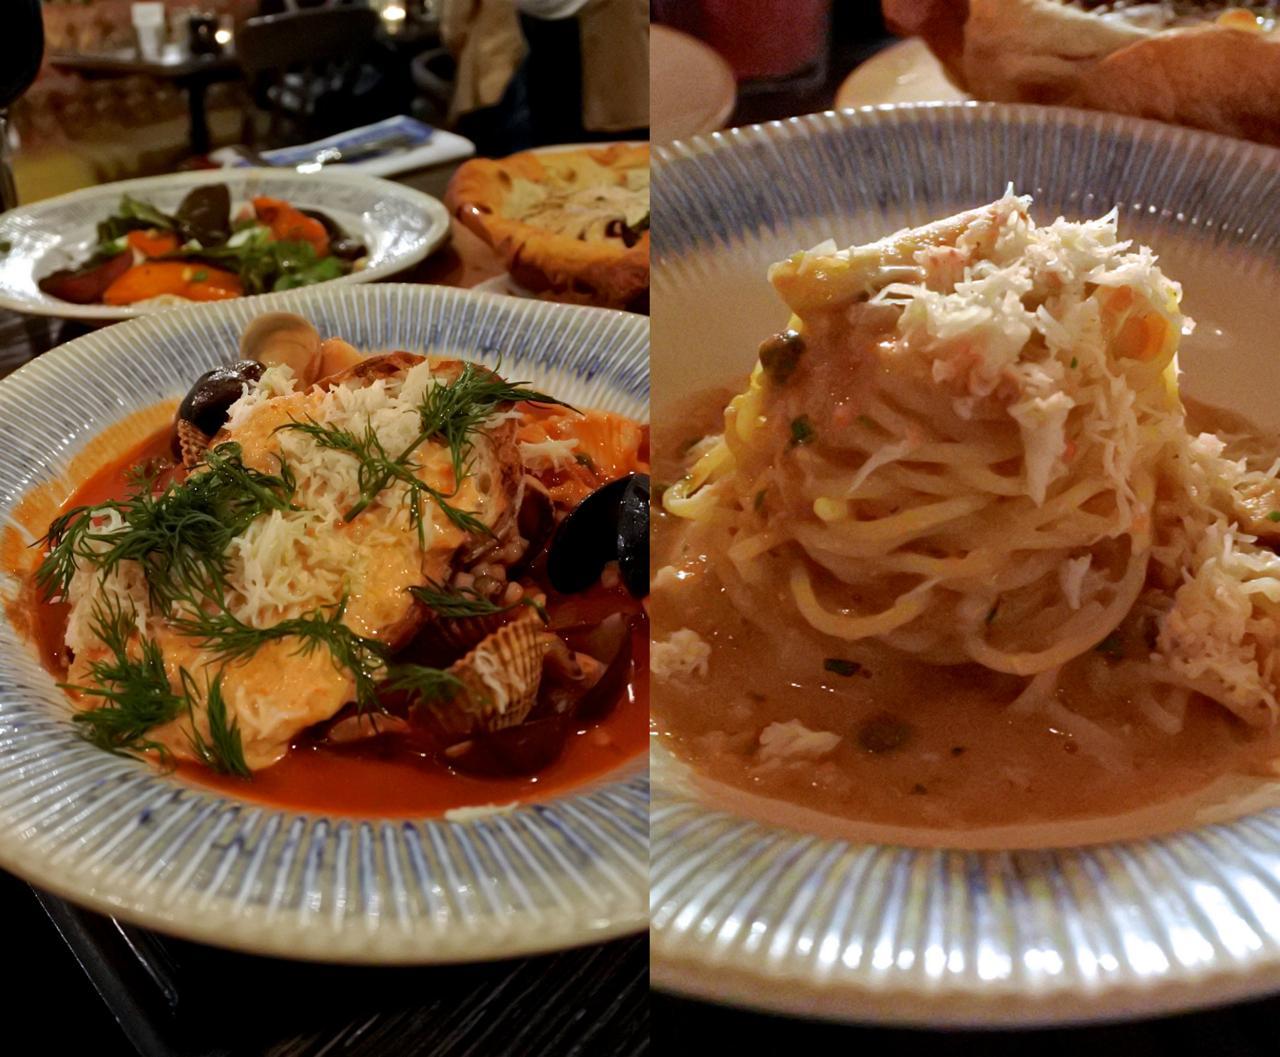 ガーリックやケイパーやチリがきいたカニ肉のスパゲッティもうま〜。左はベネチア風のフィッシュ・シチュー。米粒パスタのフレゴーラ入りで、うま〜